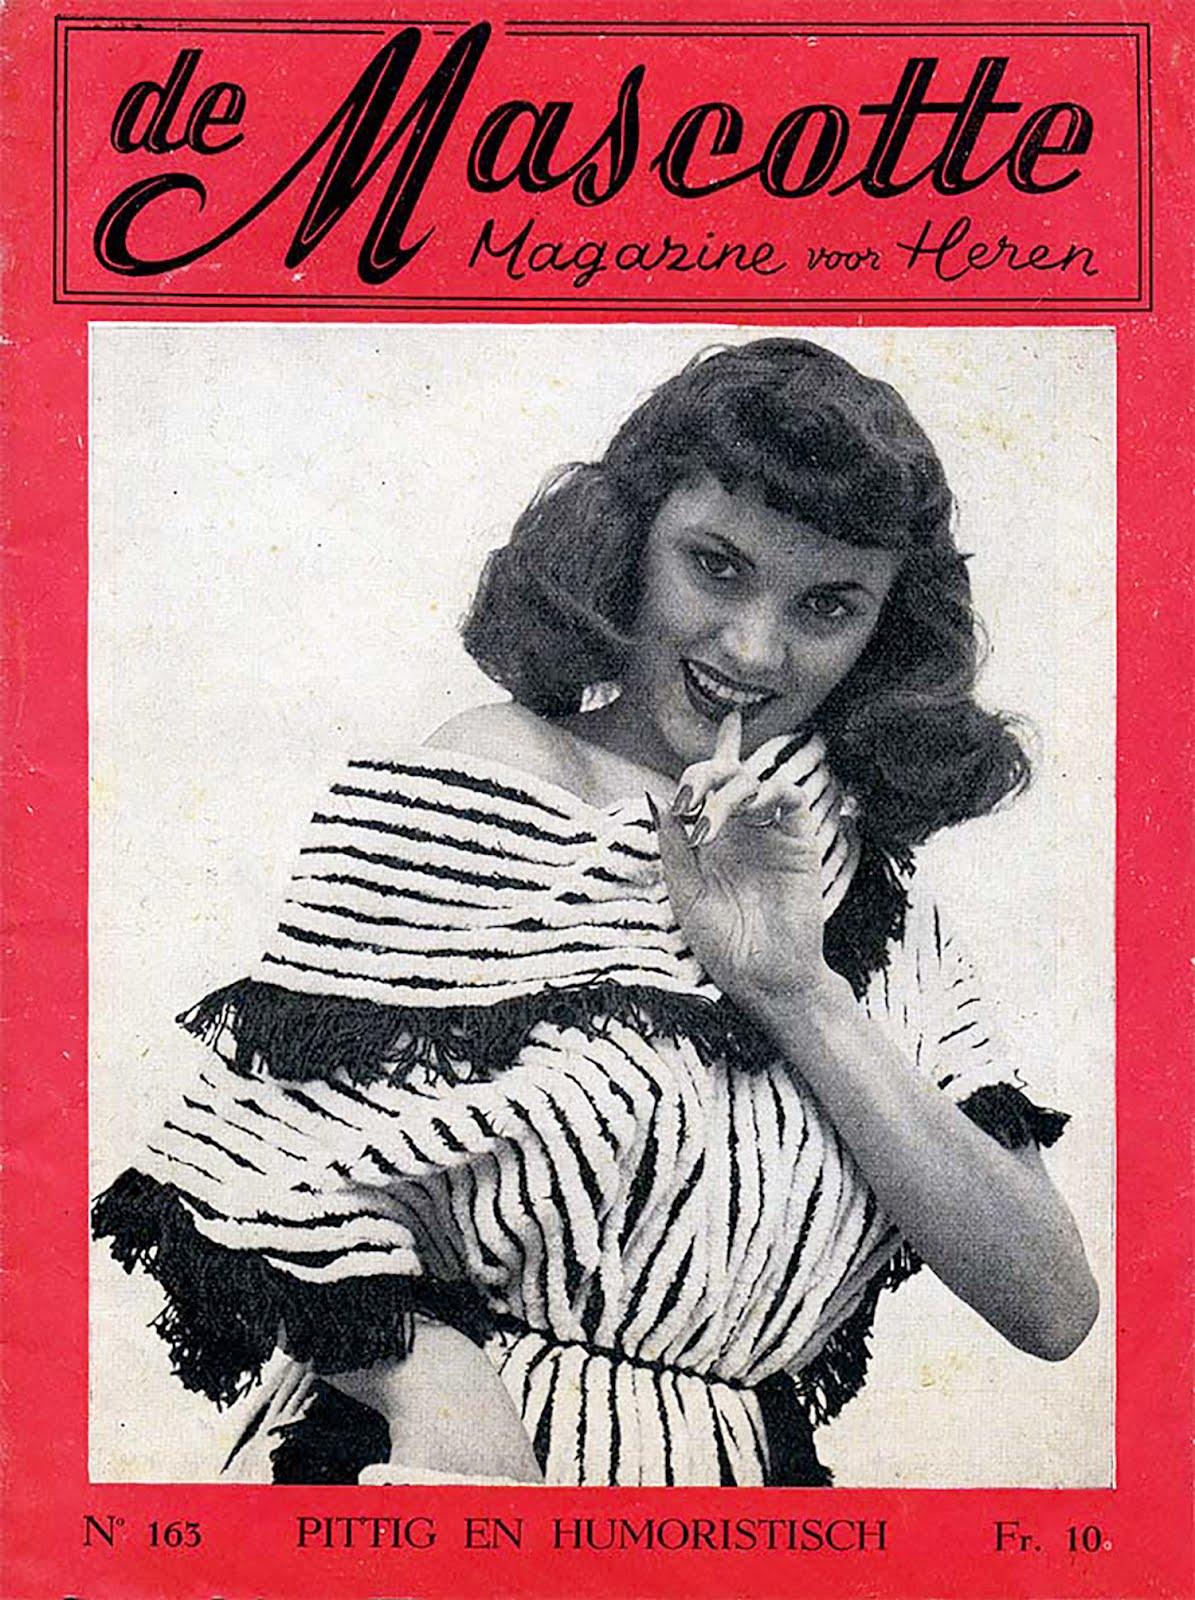 de mascotte,                 magazine van heren